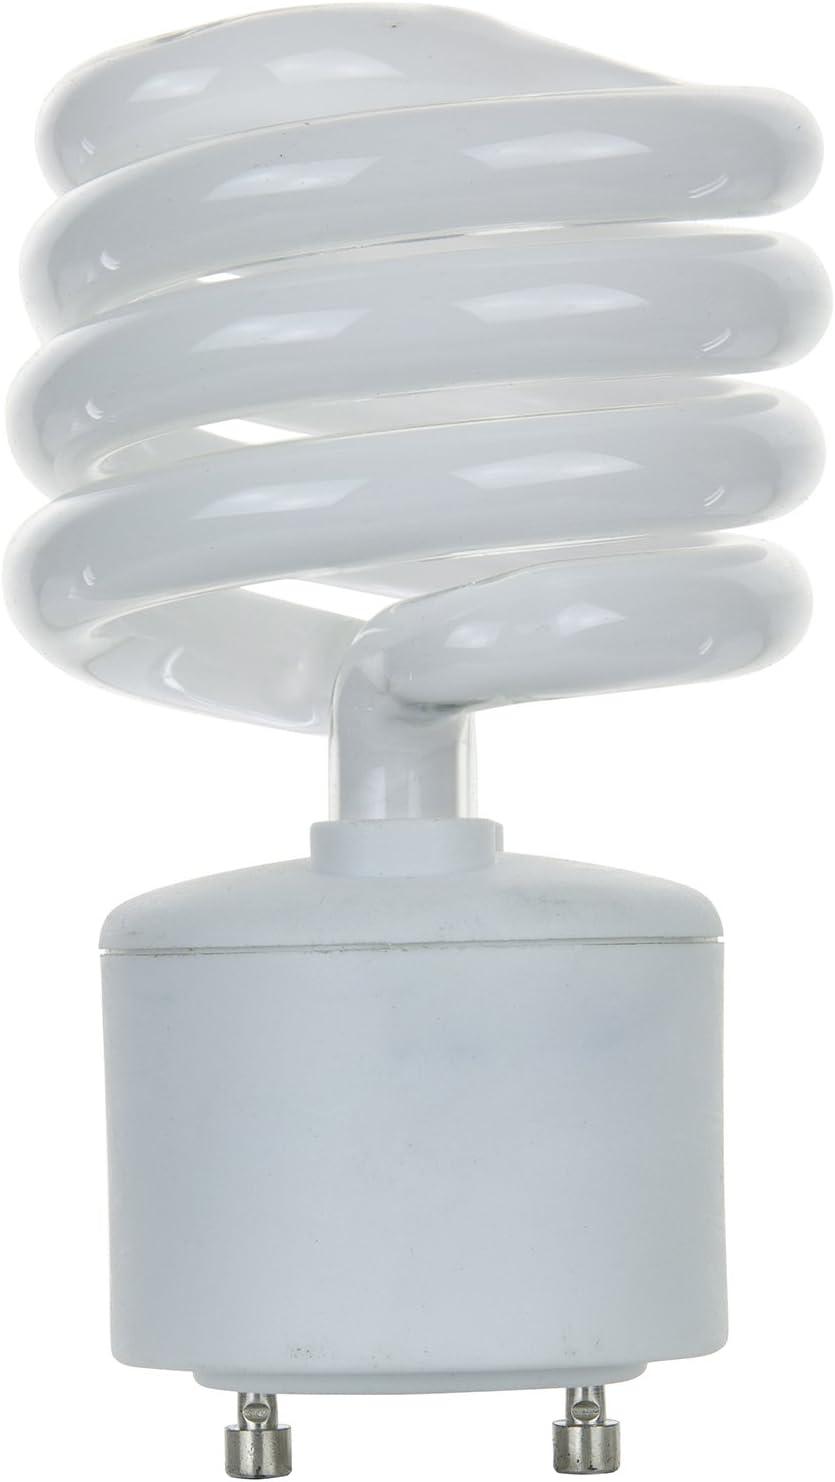 Standard Household Energy Saving CFL Light Bulb, 23 Watt, GU24 Base, 27K - Warm White,